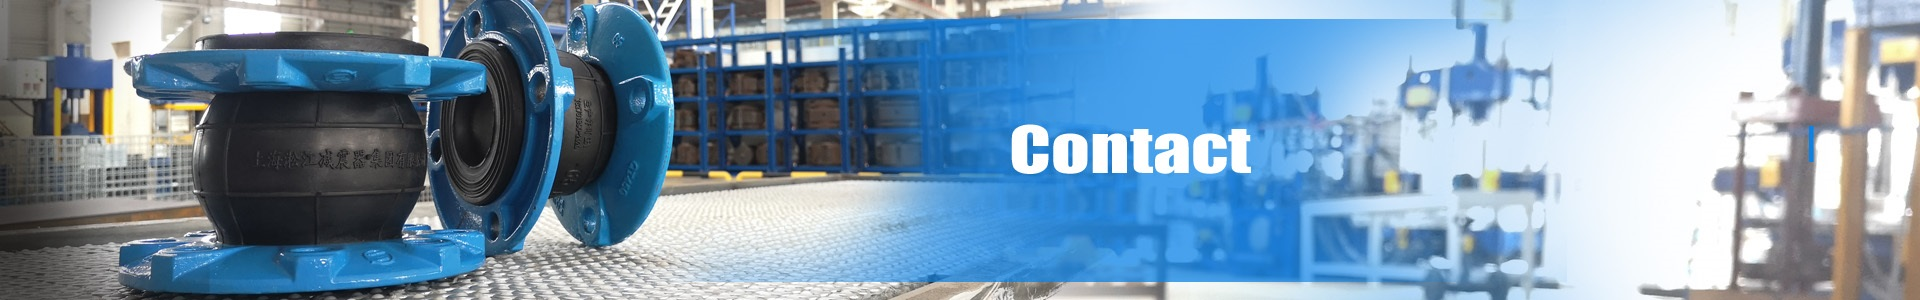 长沙法兰挠性接头,冷却水循环水系统使用,法兰304材质